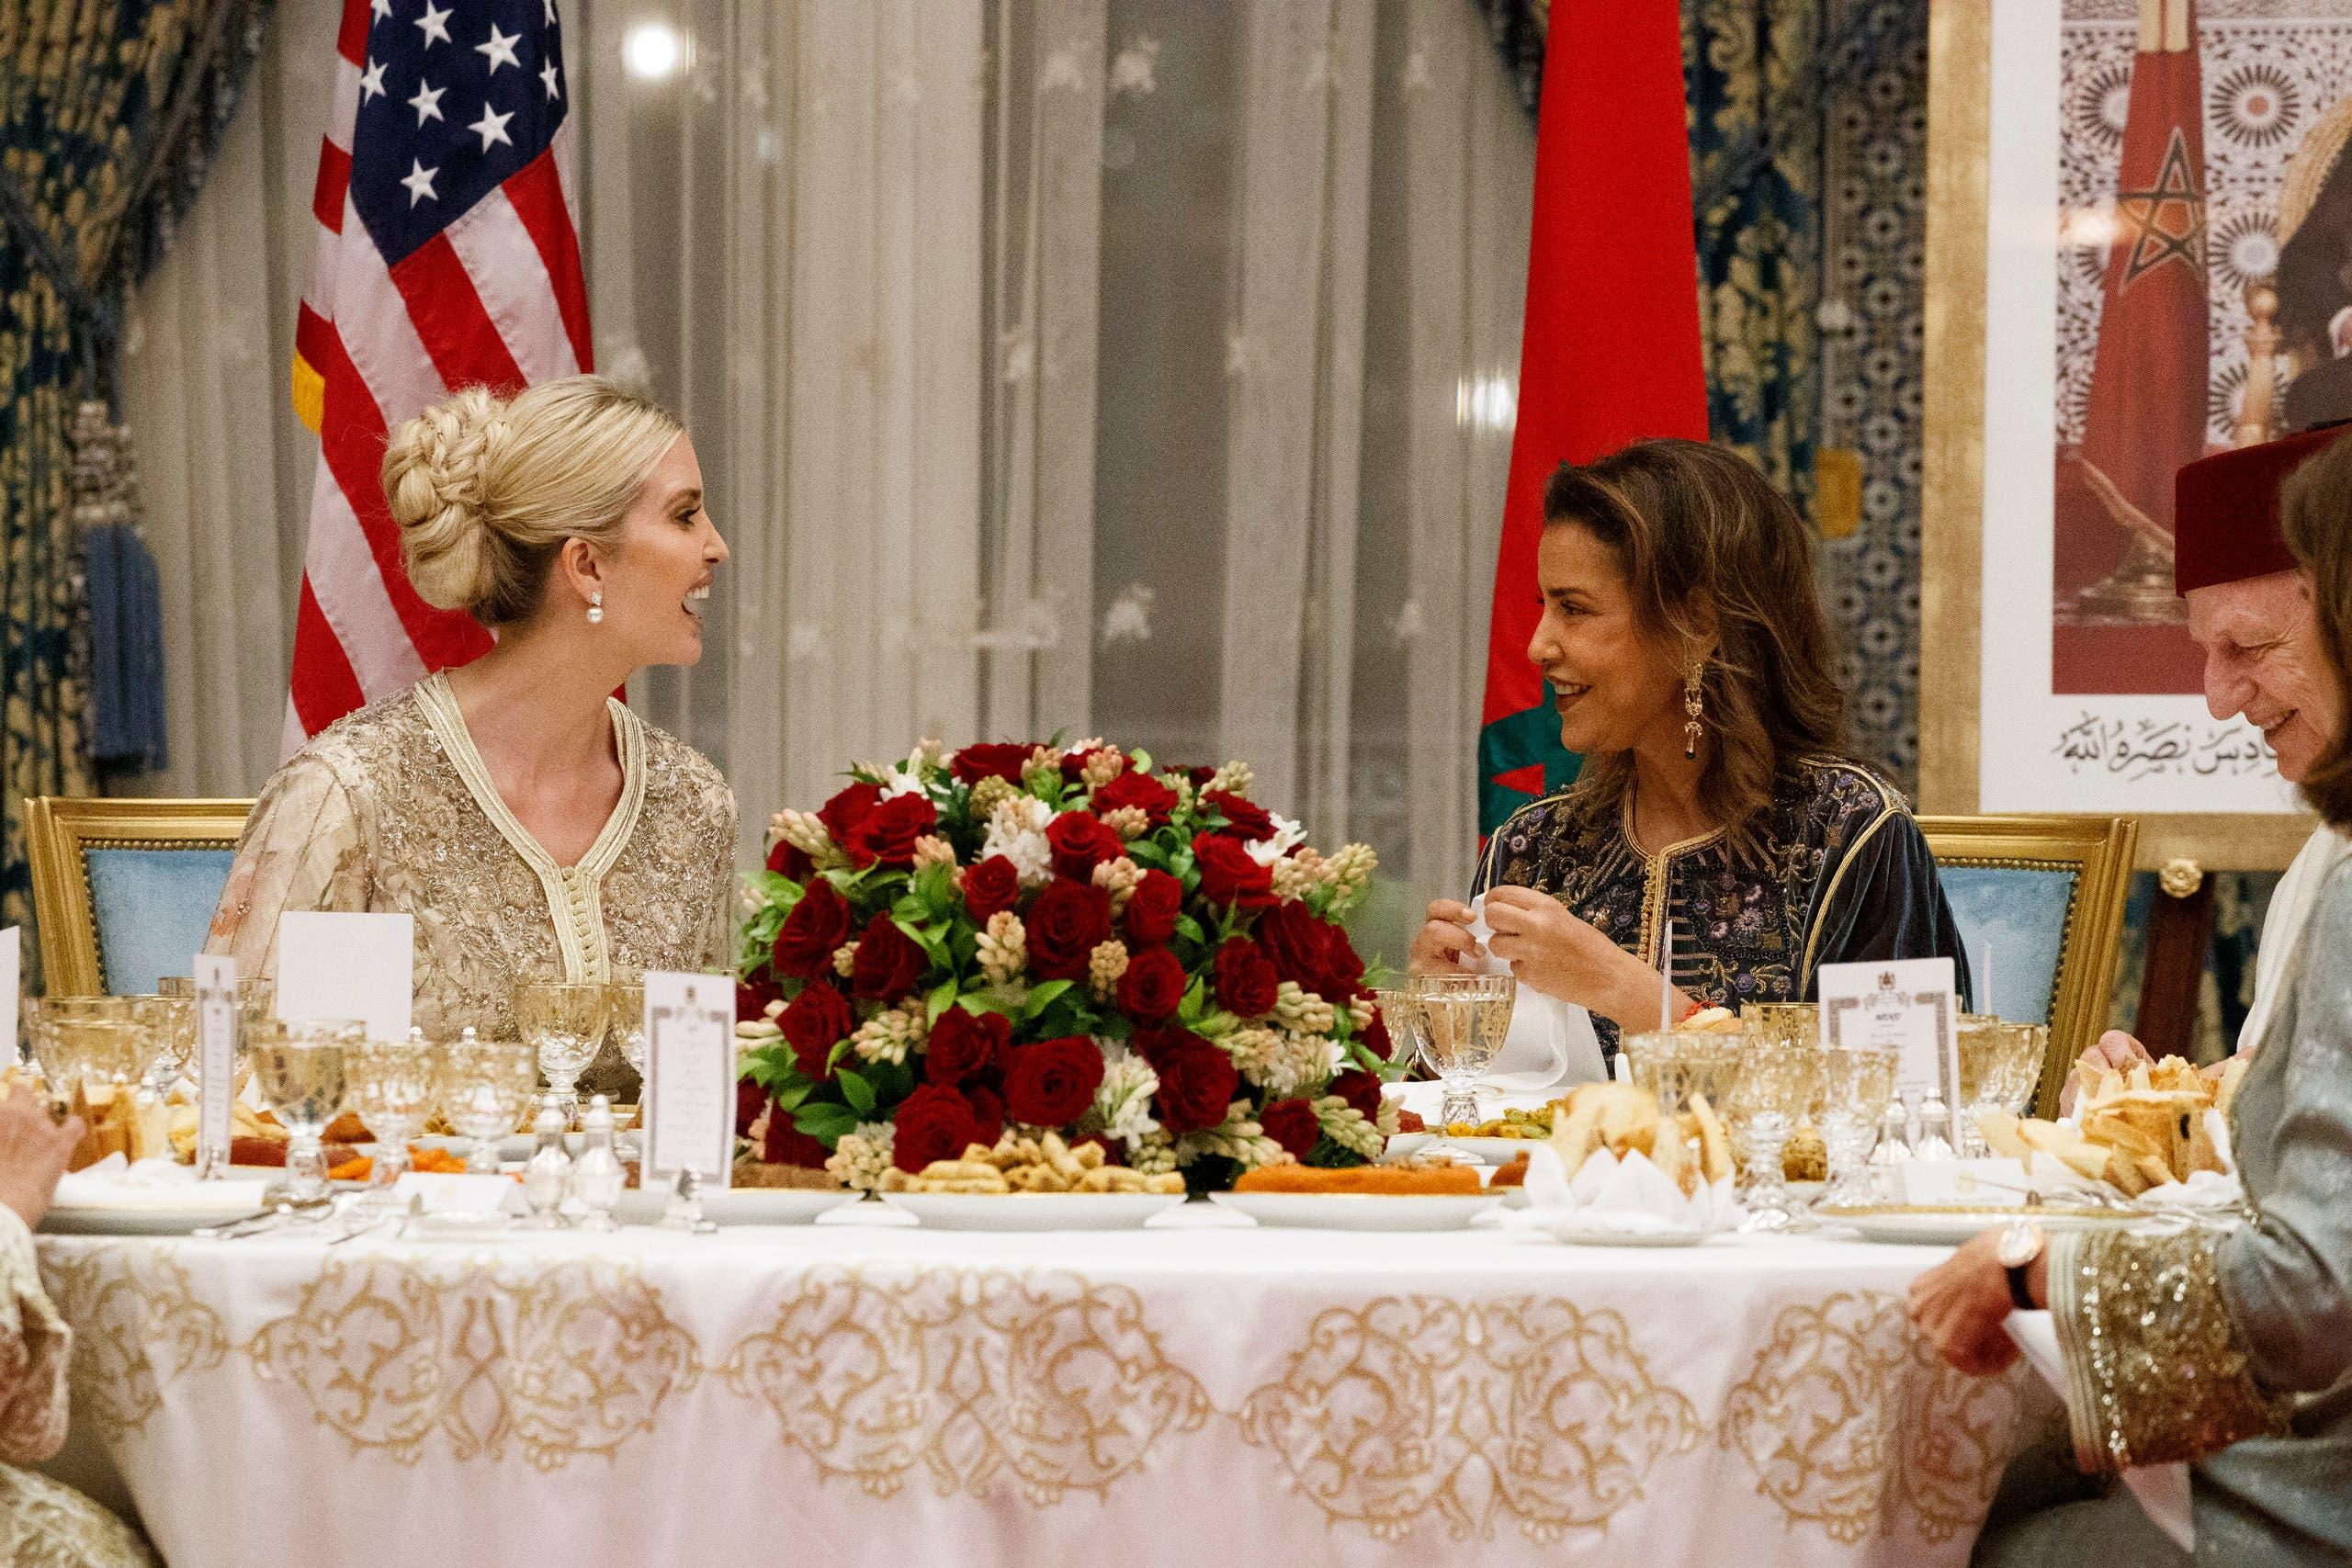 مع الأميرة لالة مريم شقيقة العاهل المغربي